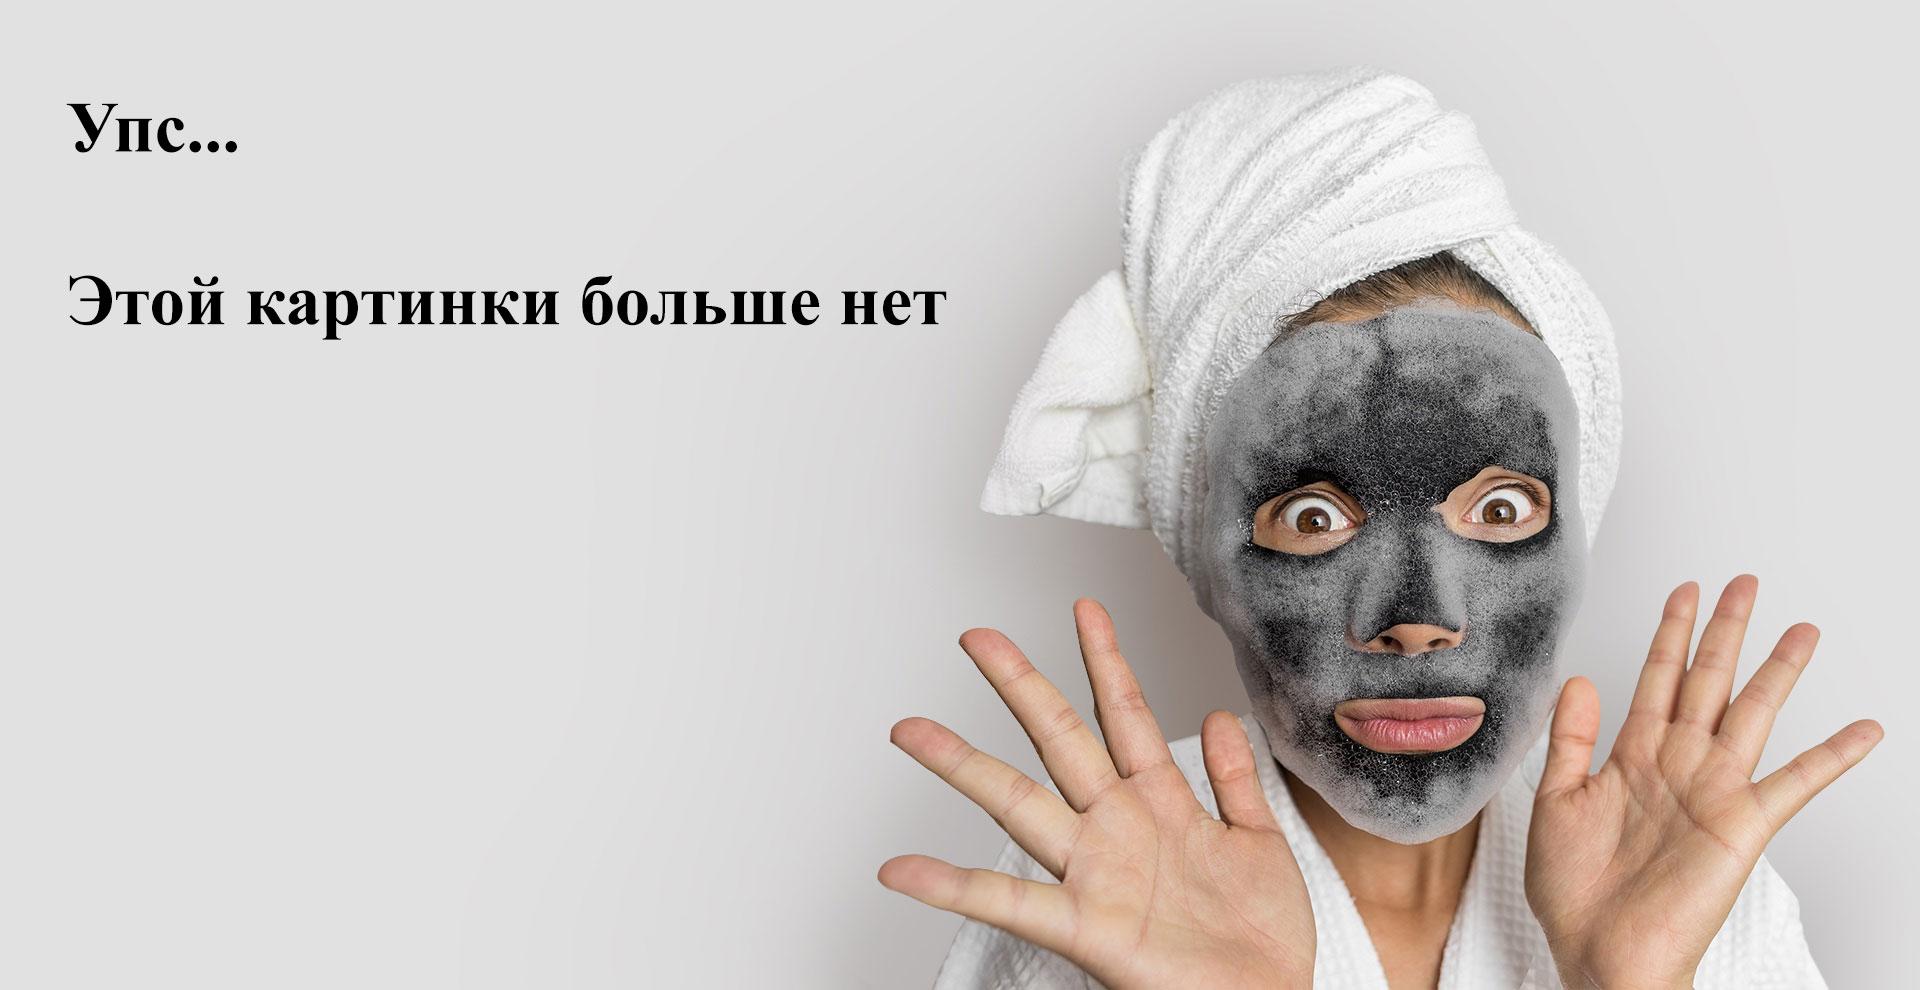 Levrana, Солнцезащитный крем «Календула» 50 SPF Pink, 50 мл (УЦЕНКА)